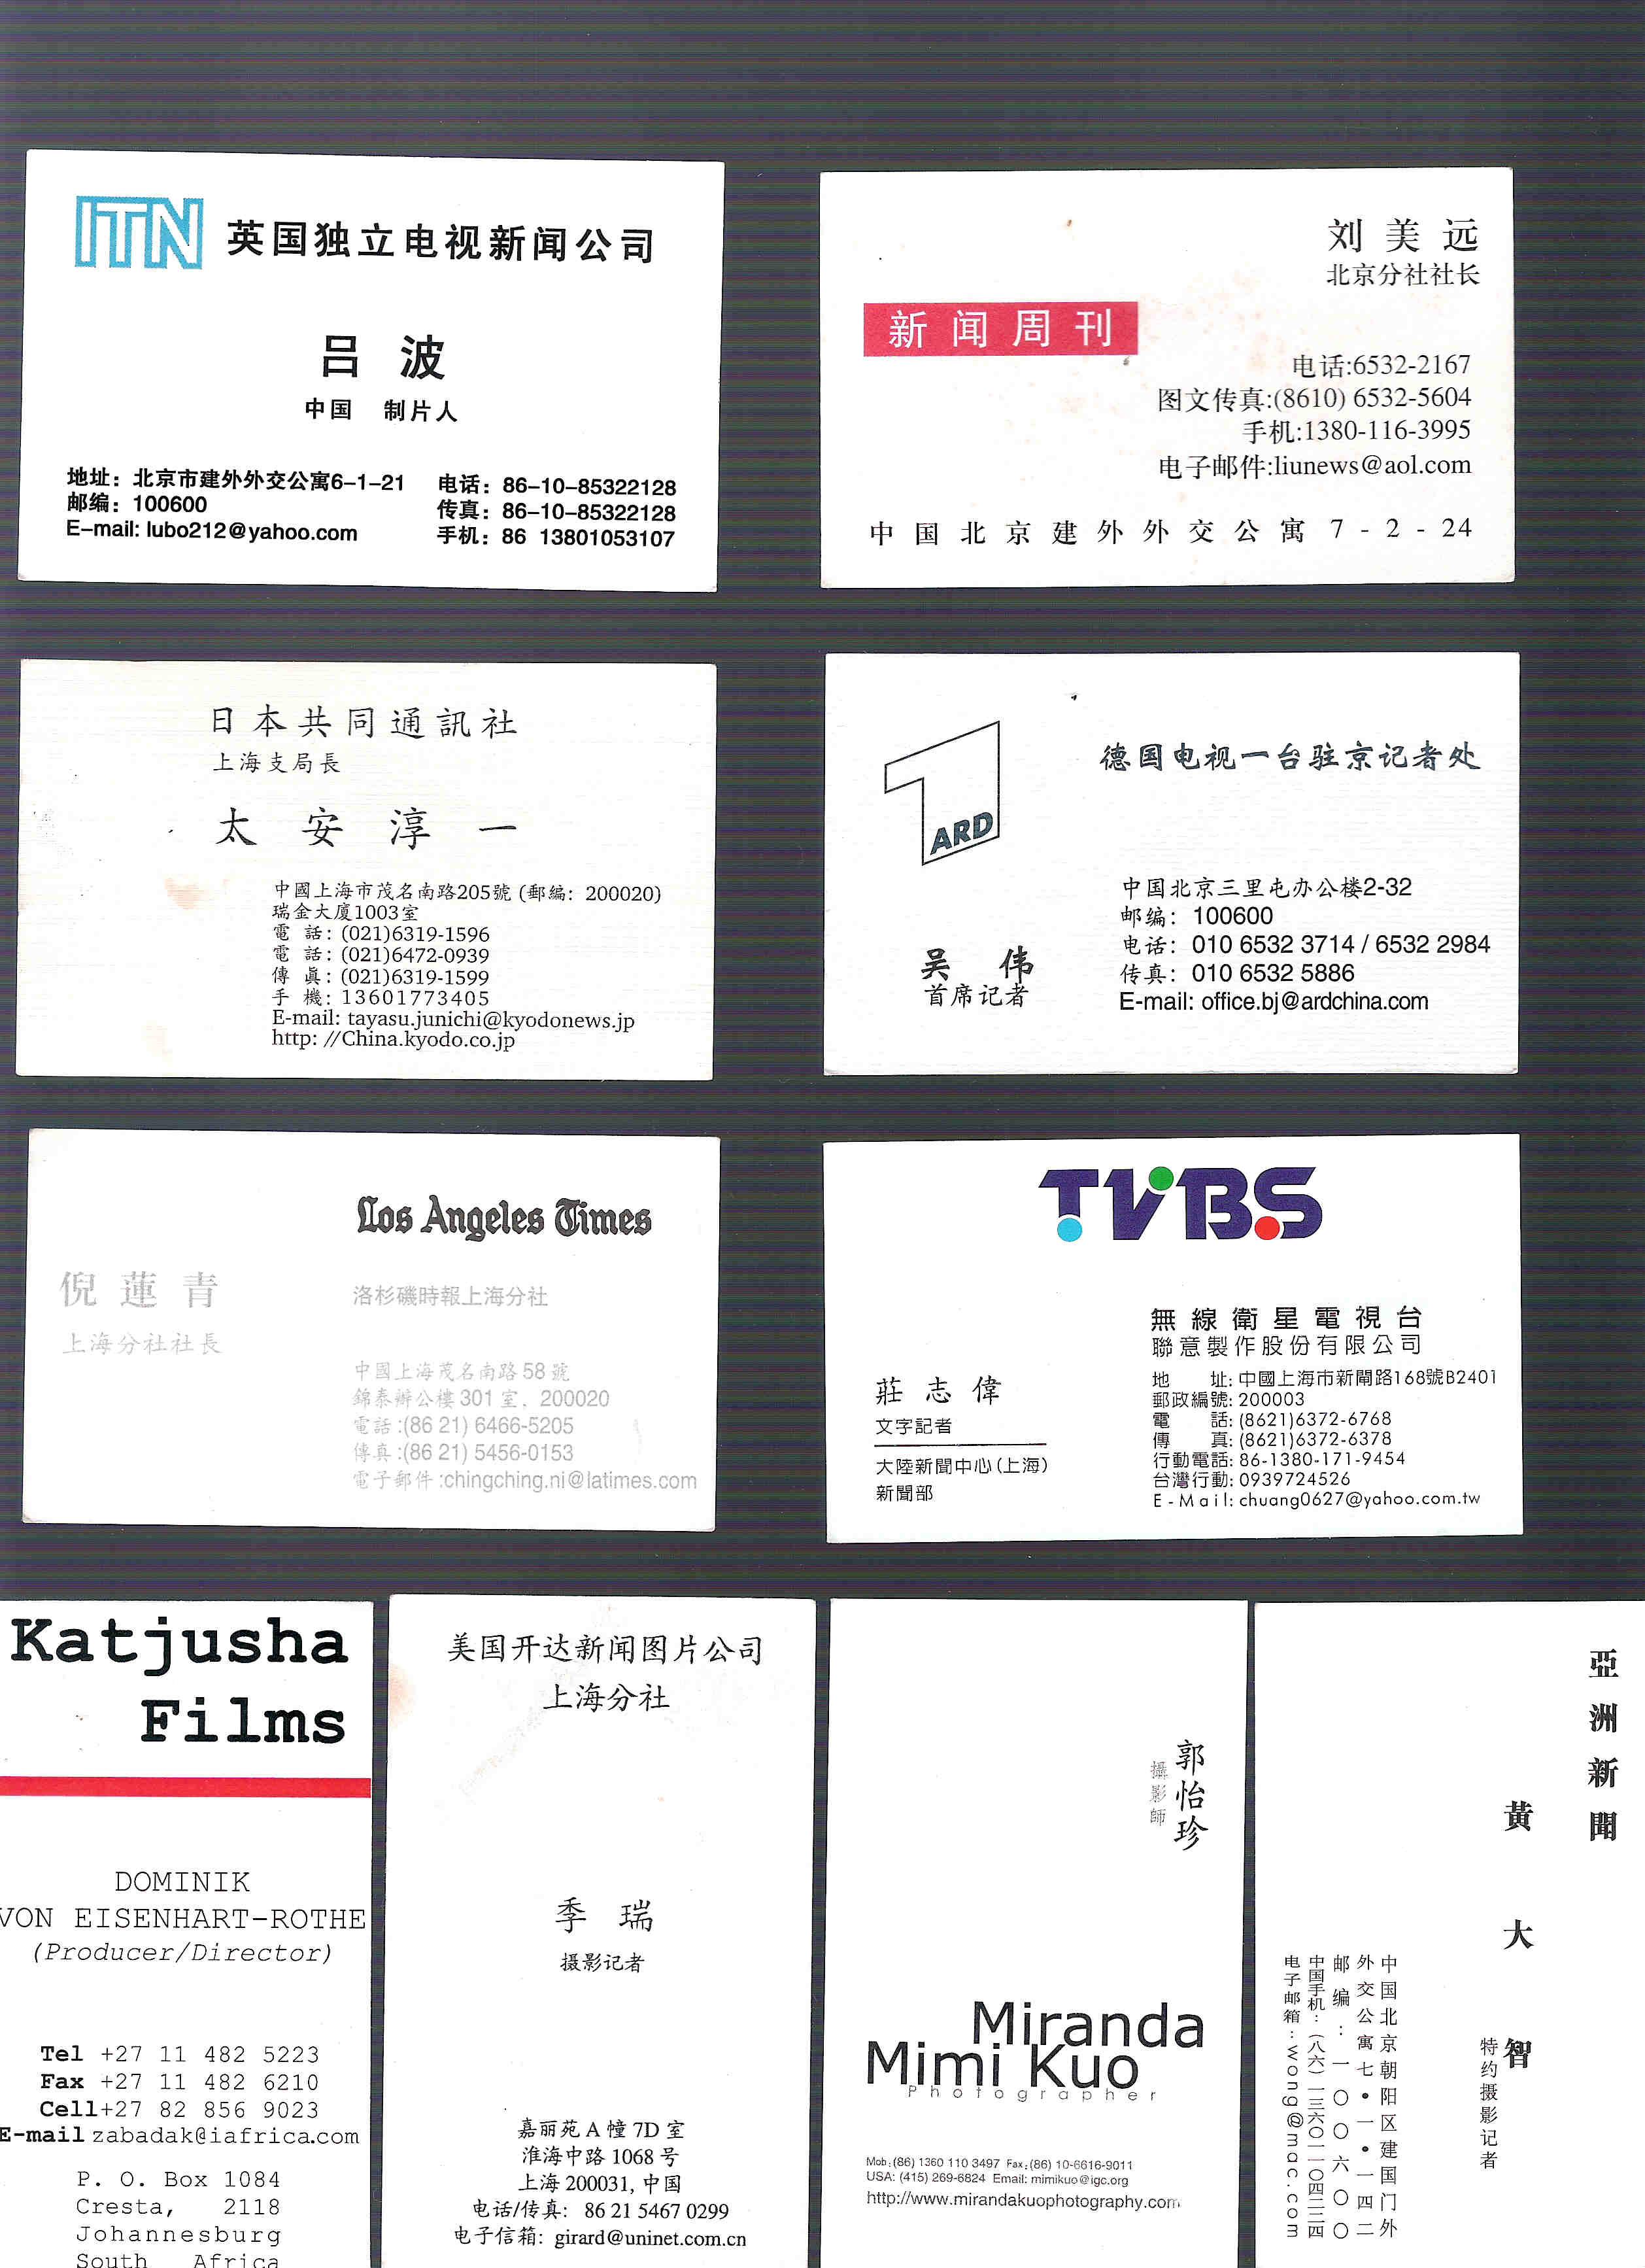 上海老公外遇调查公司_长沙外遇调查_义乌外遇调查